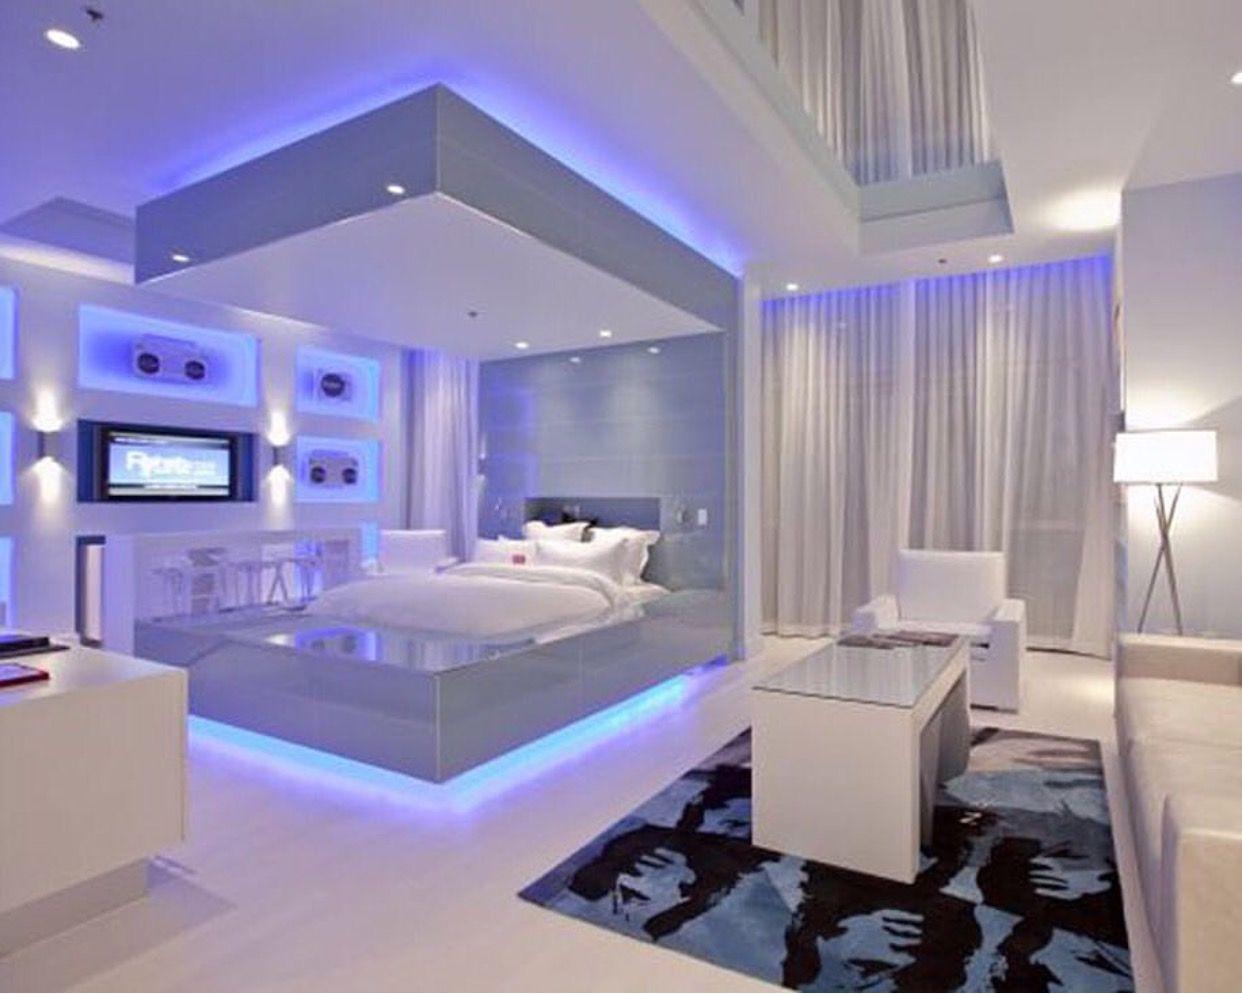 Camere Da Letto Bellissime Moderne.Modern Bedroom Idee Per La Stanza Da Letto Decorazione Camera